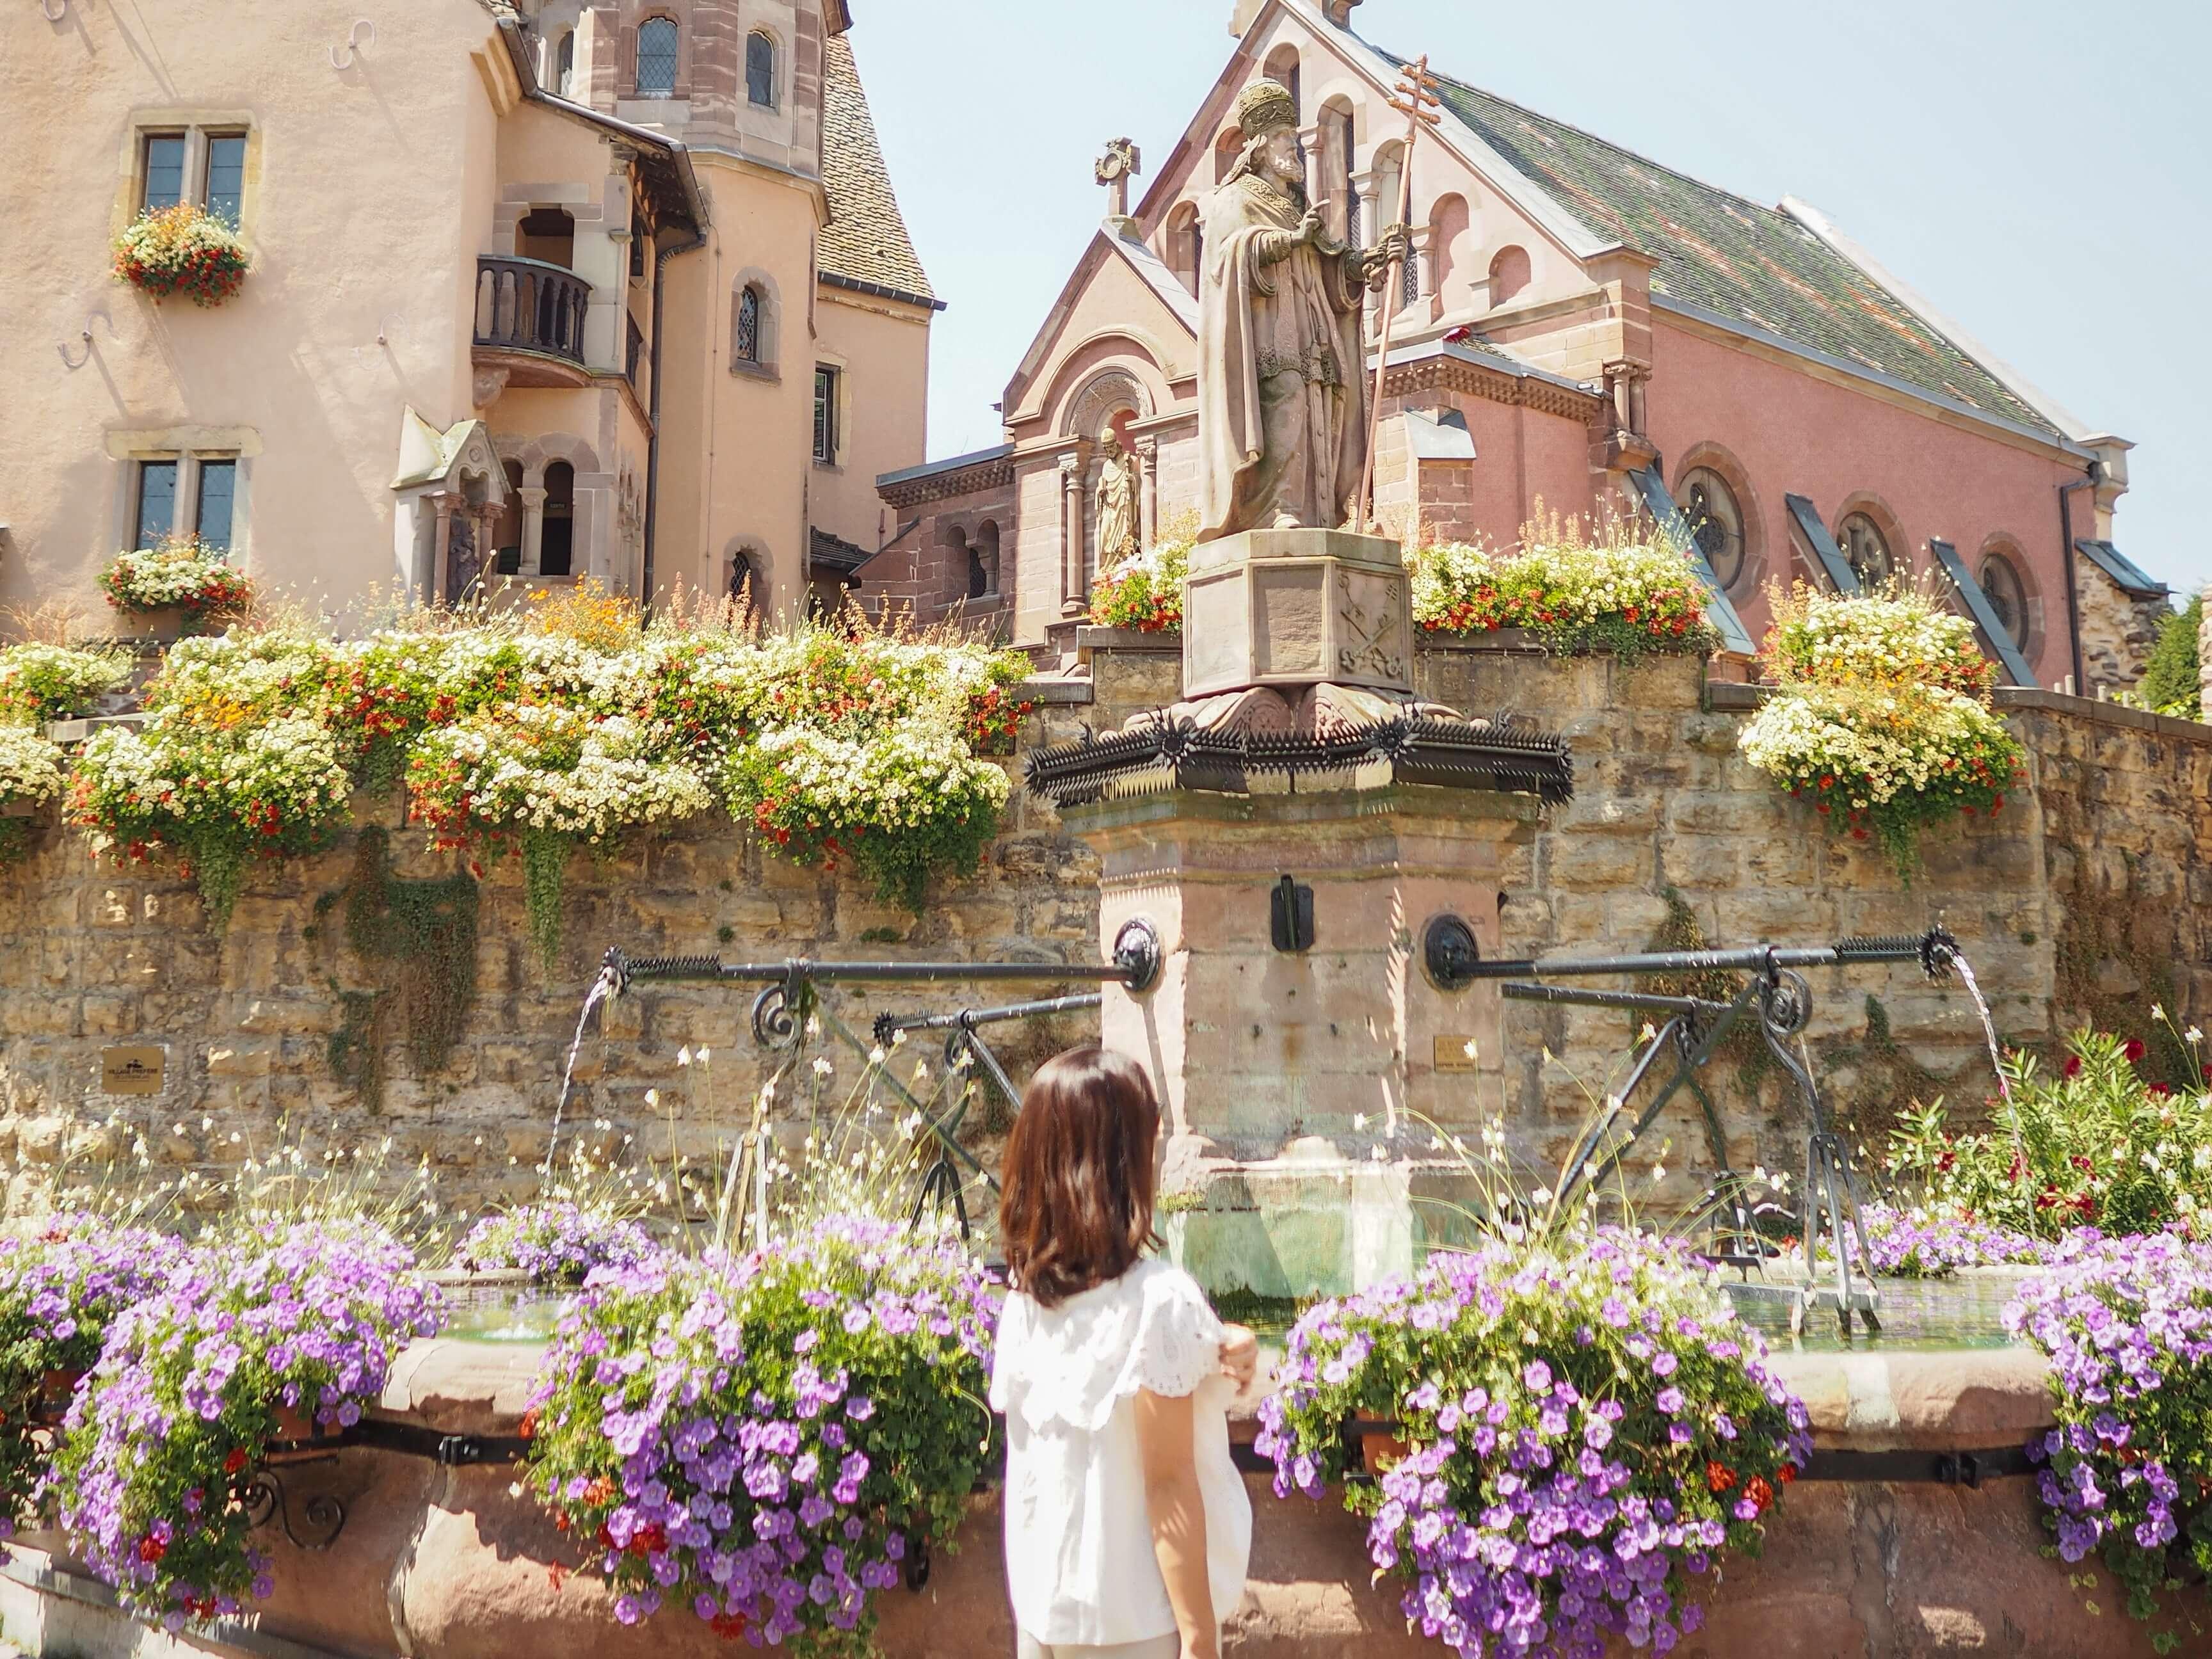 コルマール&「フランスの美しい村」をアルザス料理と巡る旅